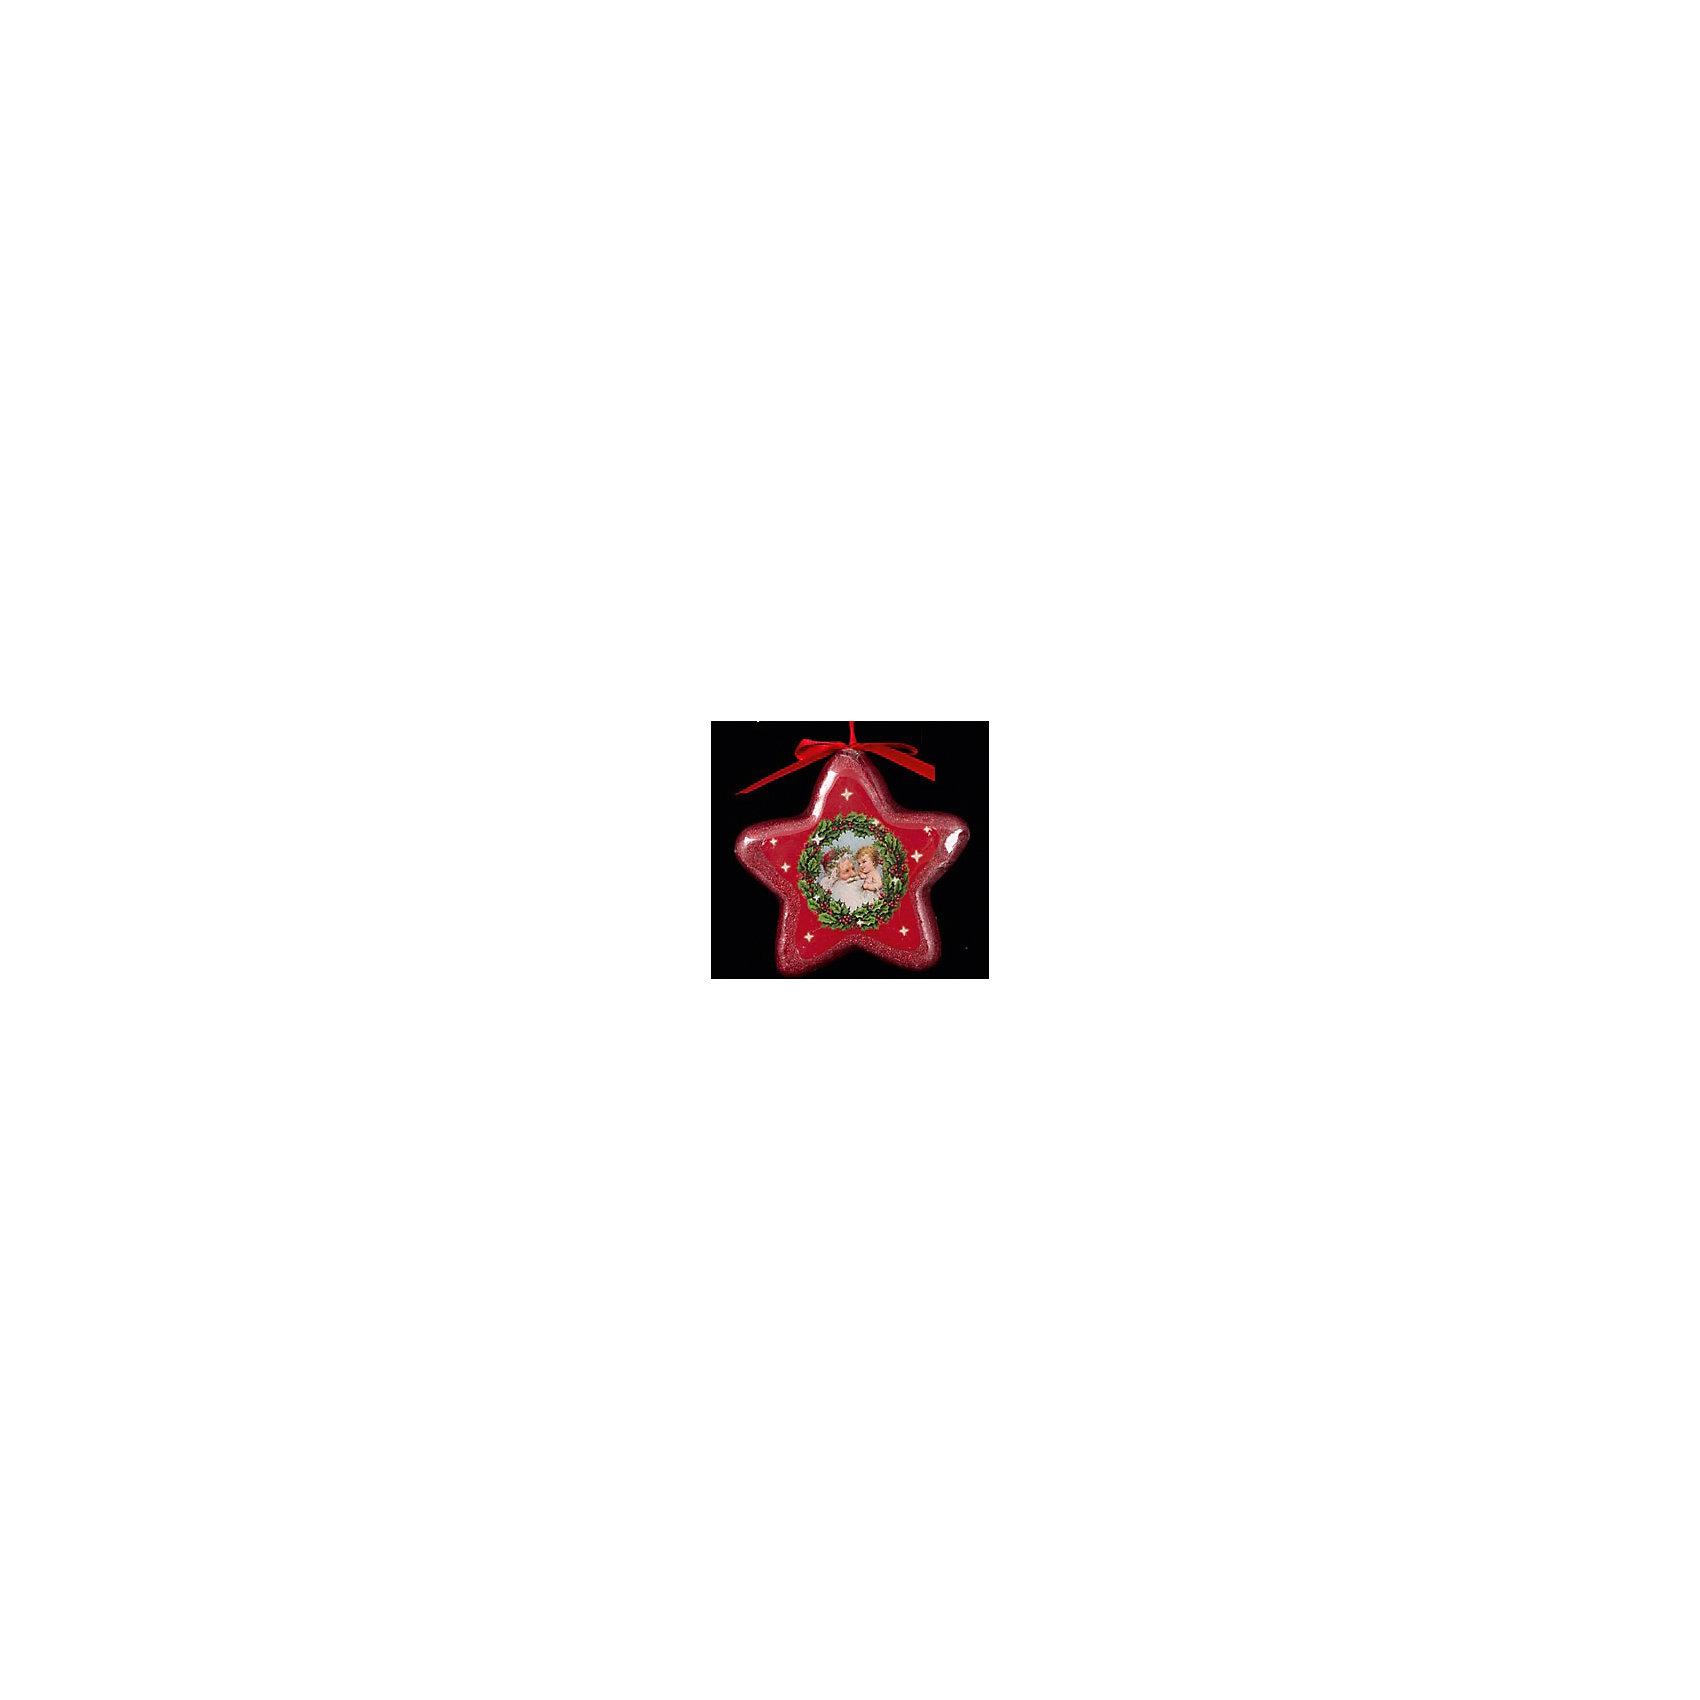 ёл. укр. GRANDE звезда, 7,5см, 1шт, красный, зеленый, коричЁлочные игрушки<br>Новогодние  и елочные украшения, в т.ч. пластиковые шары, украшения фигурные, изображающие представителей флоры, фауны, сказочных персонажей, верхушки, бусы, ветки, бантики, гирлянды и фонарики  (без подключения к сети переменного тока), конфетти, мишура, дождик, серпантин,  панно, венки, ели, ленты декоративные<br><br>Ширина мм: 75<br>Глубина мм: 20<br>Высота мм: 75<br>Вес г: 35<br>Возраст от месяцев: 36<br>Возраст до месяцев: 2147483647<br>Пол: Унисекс<br>Возраст: Детский<br>SKU: 5101103